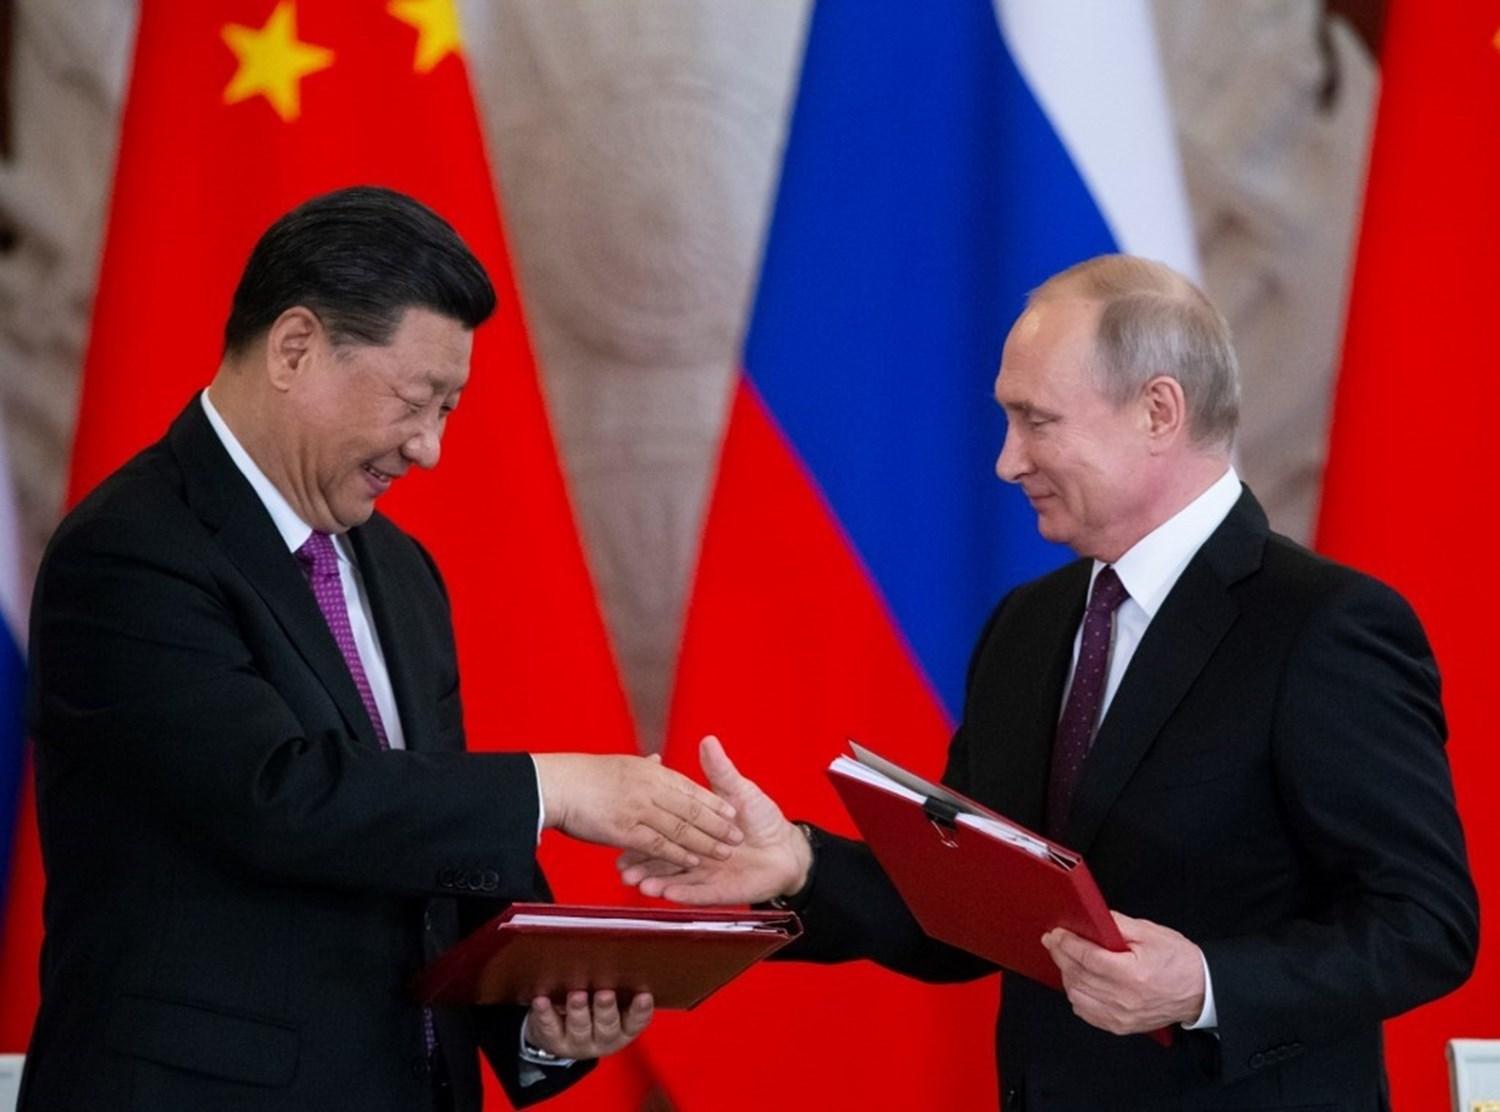 بكين: تعاون الصين وروسيا عامل استقرار عالمي